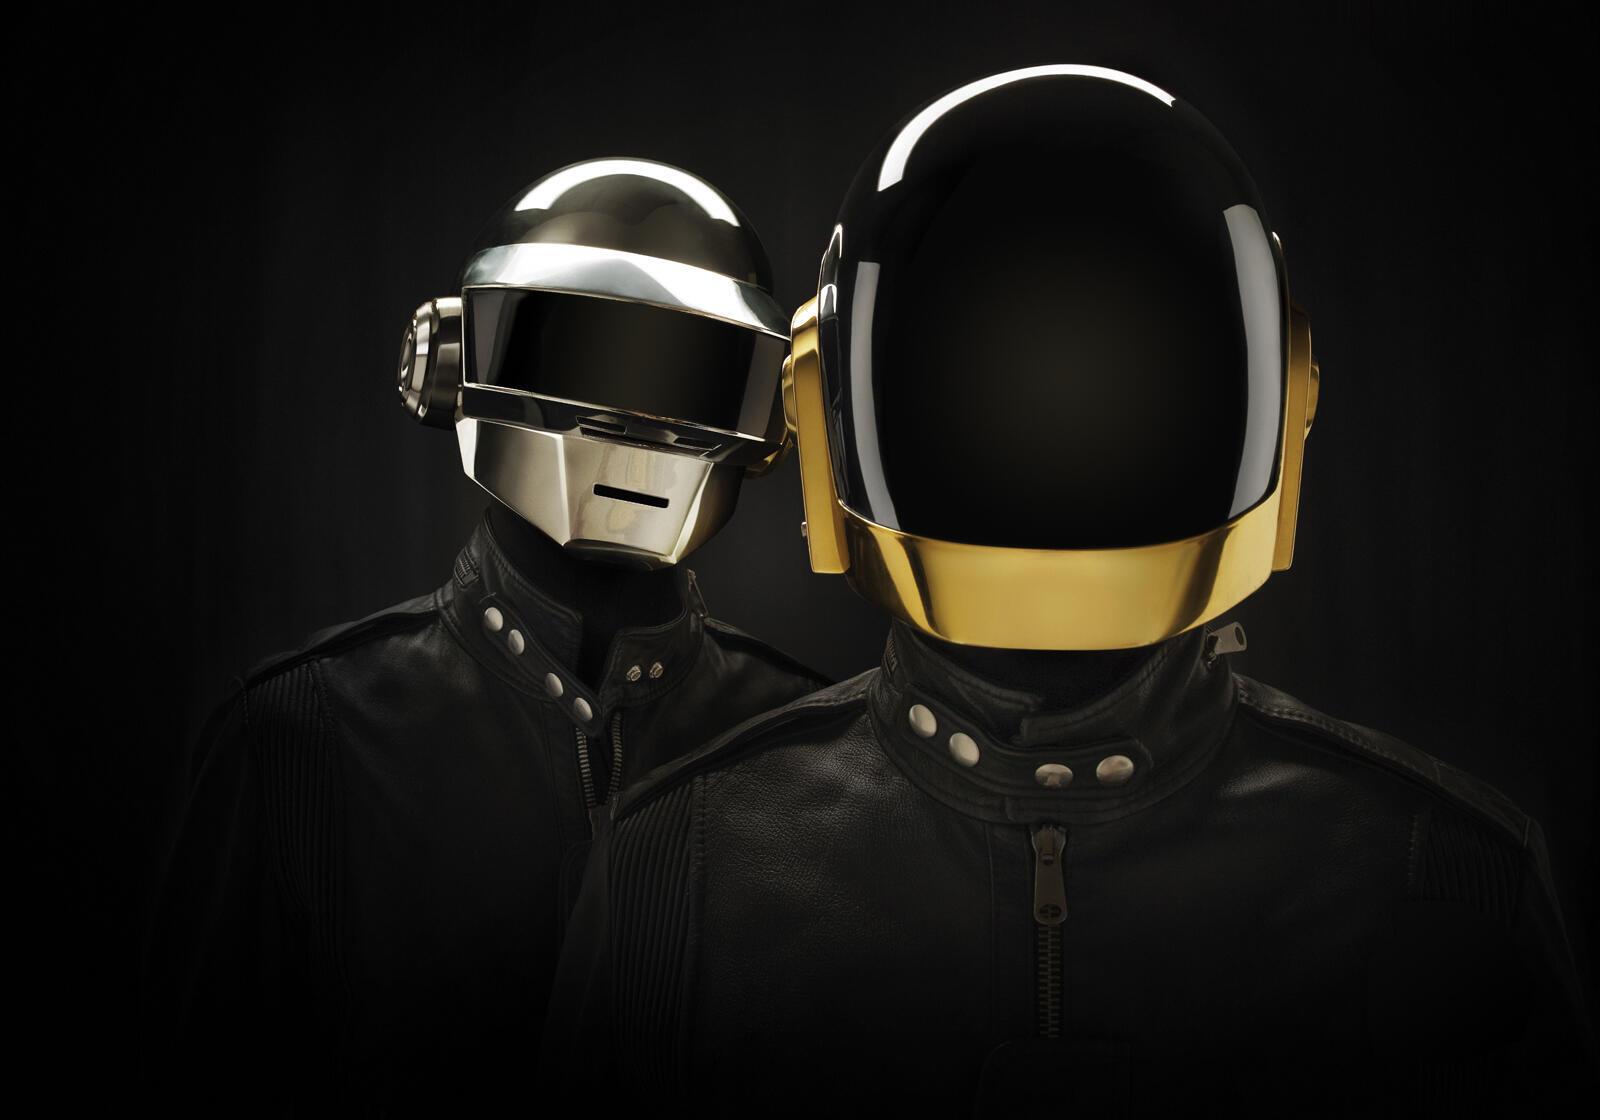 """Сценические шлемы """"танцующих роботов"""" дуэта Daft Punk - Тома Бангальтера и Ги-Манюля де Омем-Кристо"""